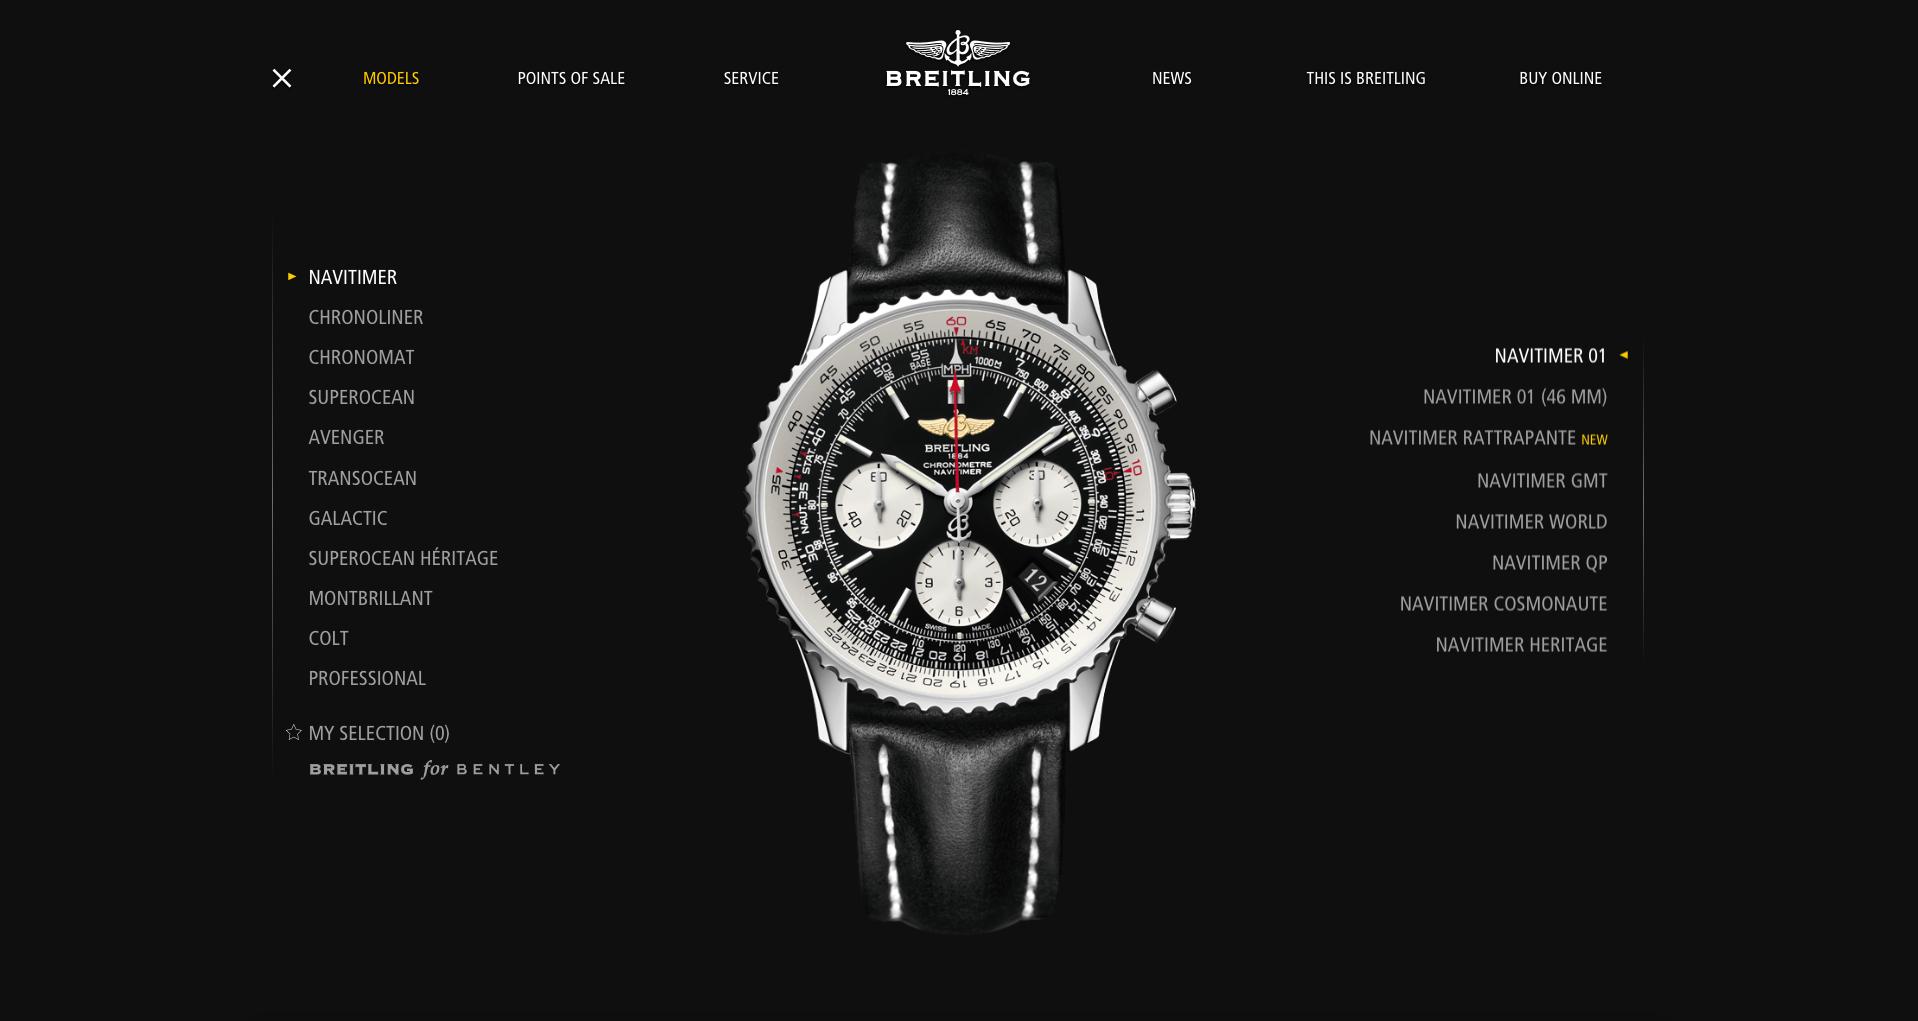 Breitling decidió sobre un fondo negro para hacer destacar sus diseños de relojes.